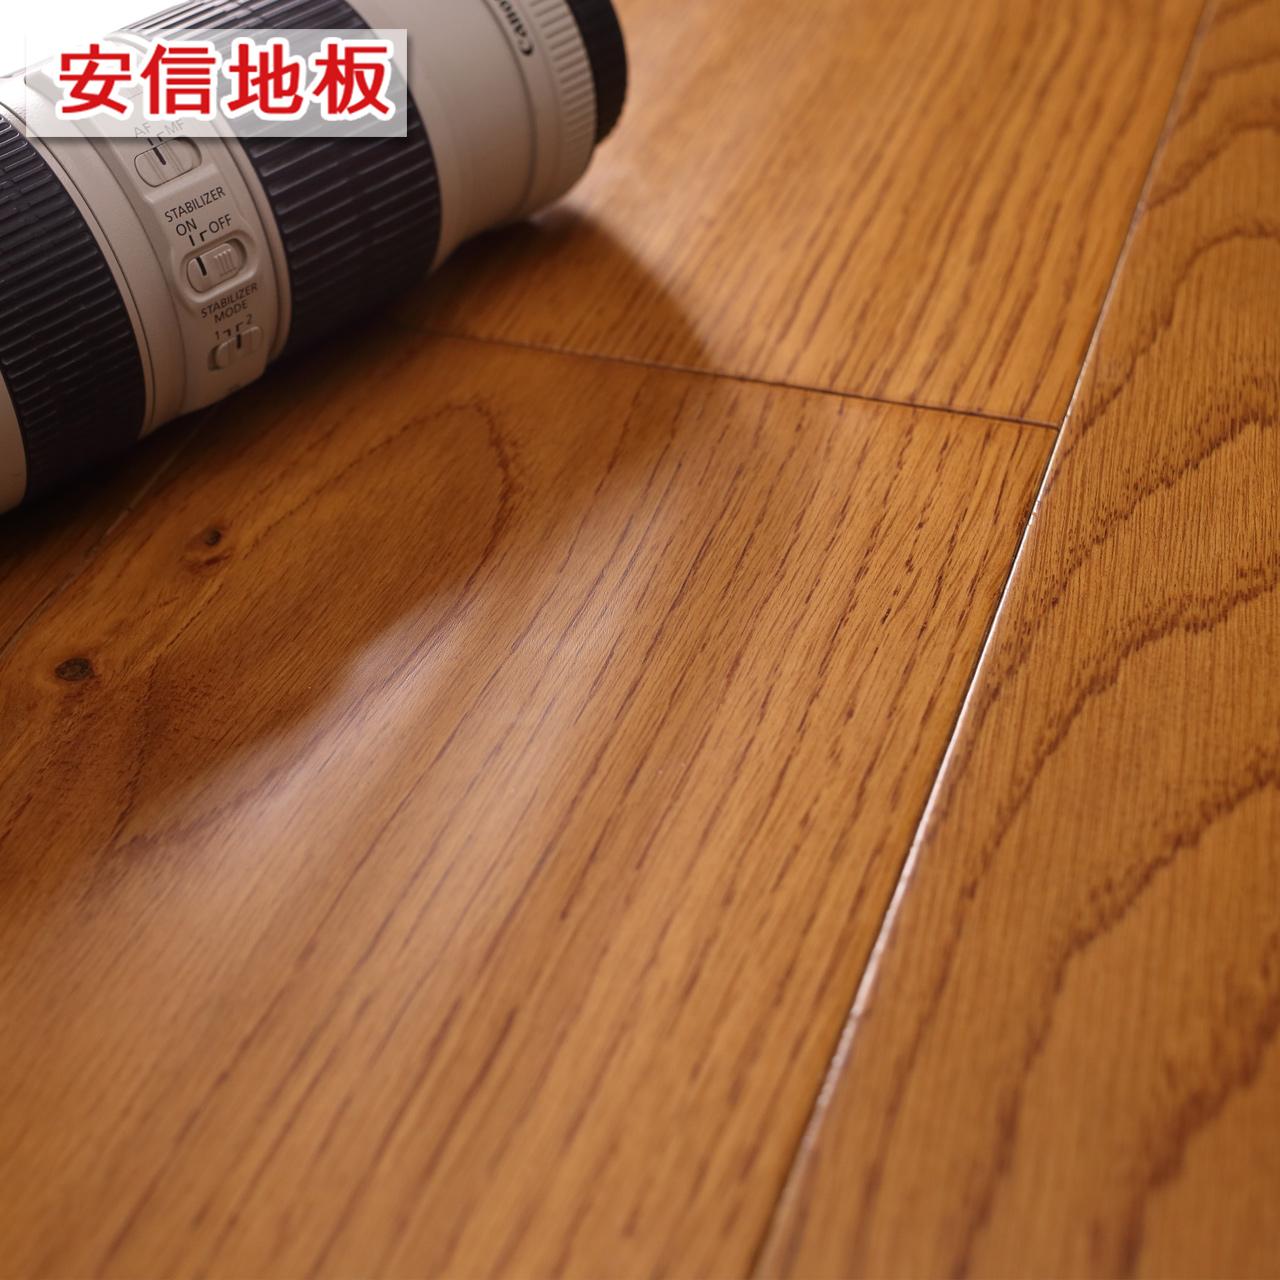 安信 橡木多层实木复合地板 地热地暖适用  厂家直销